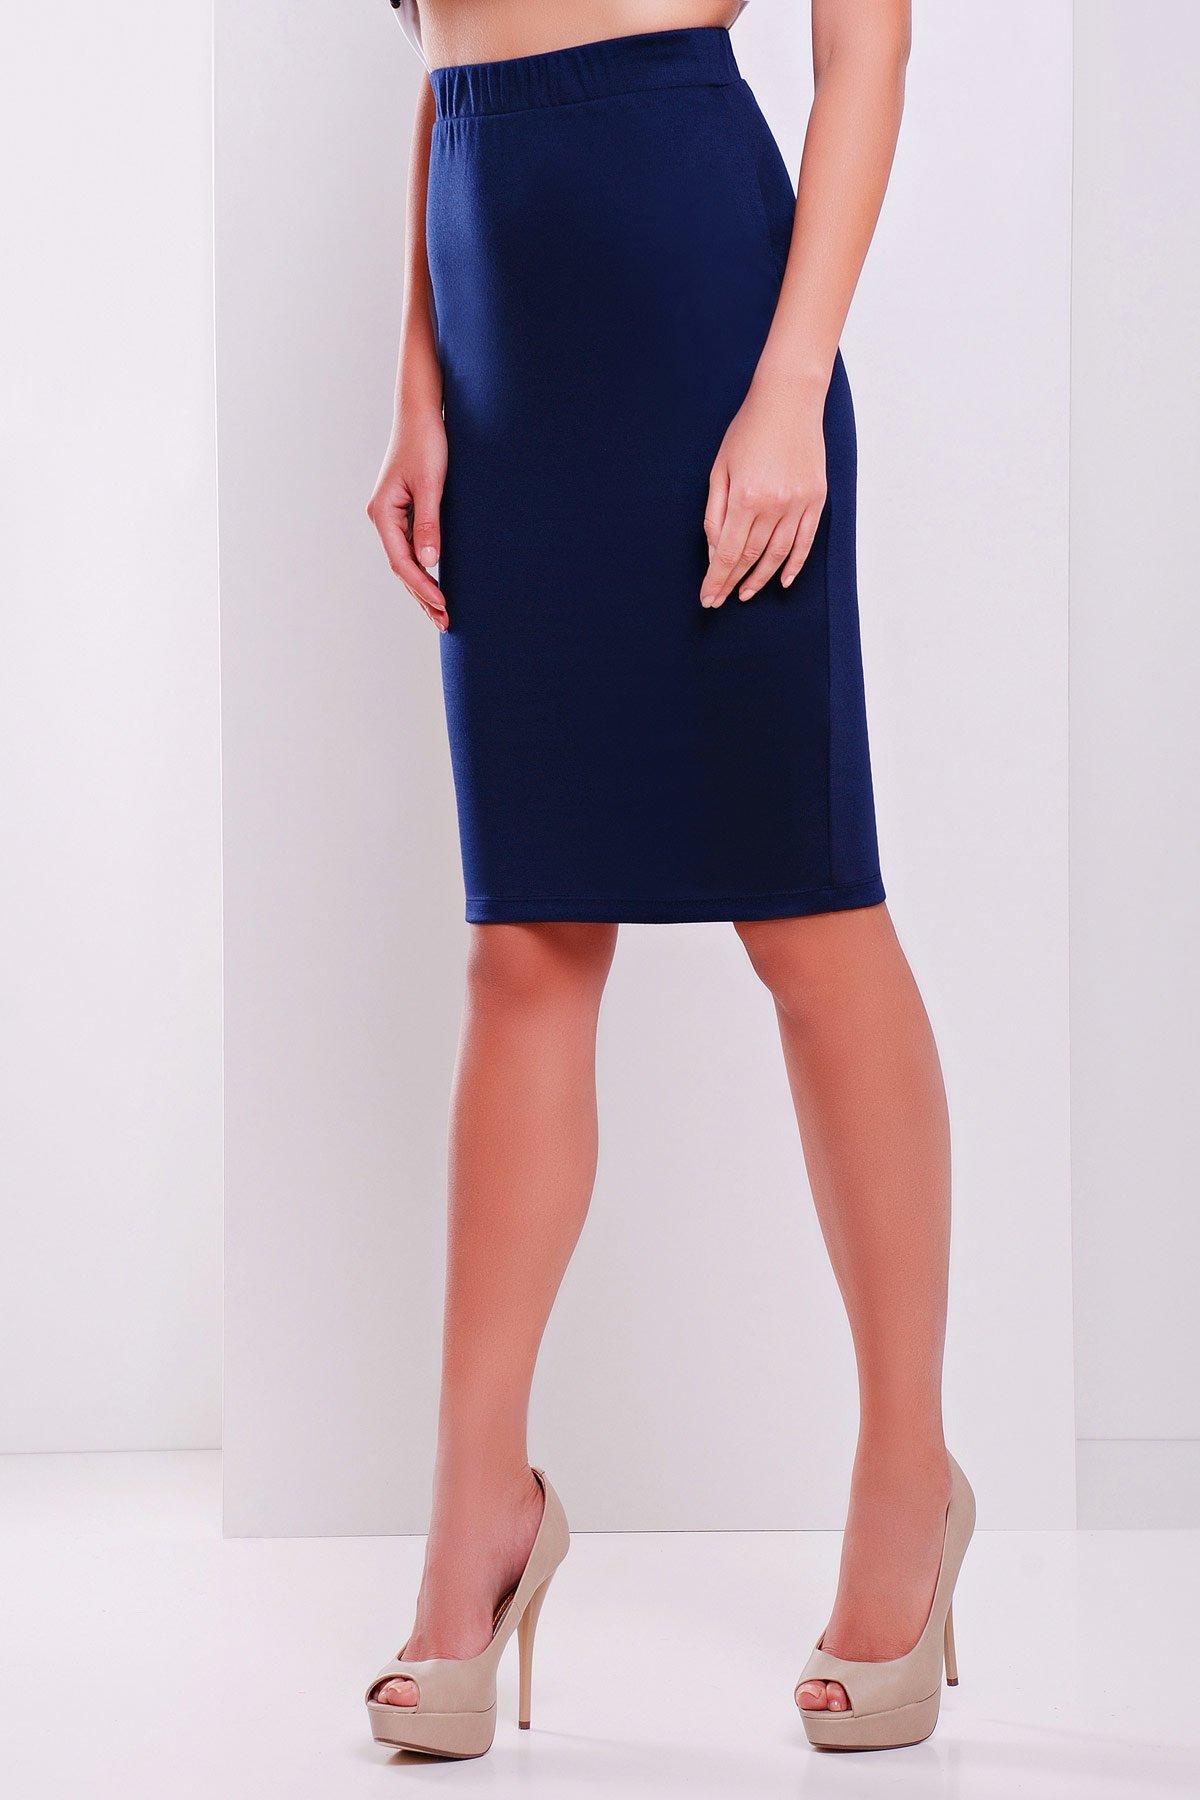 8cae740008a Темно-синяя офисная юбка №20 - купить недорого — Donna Bella - GL ...